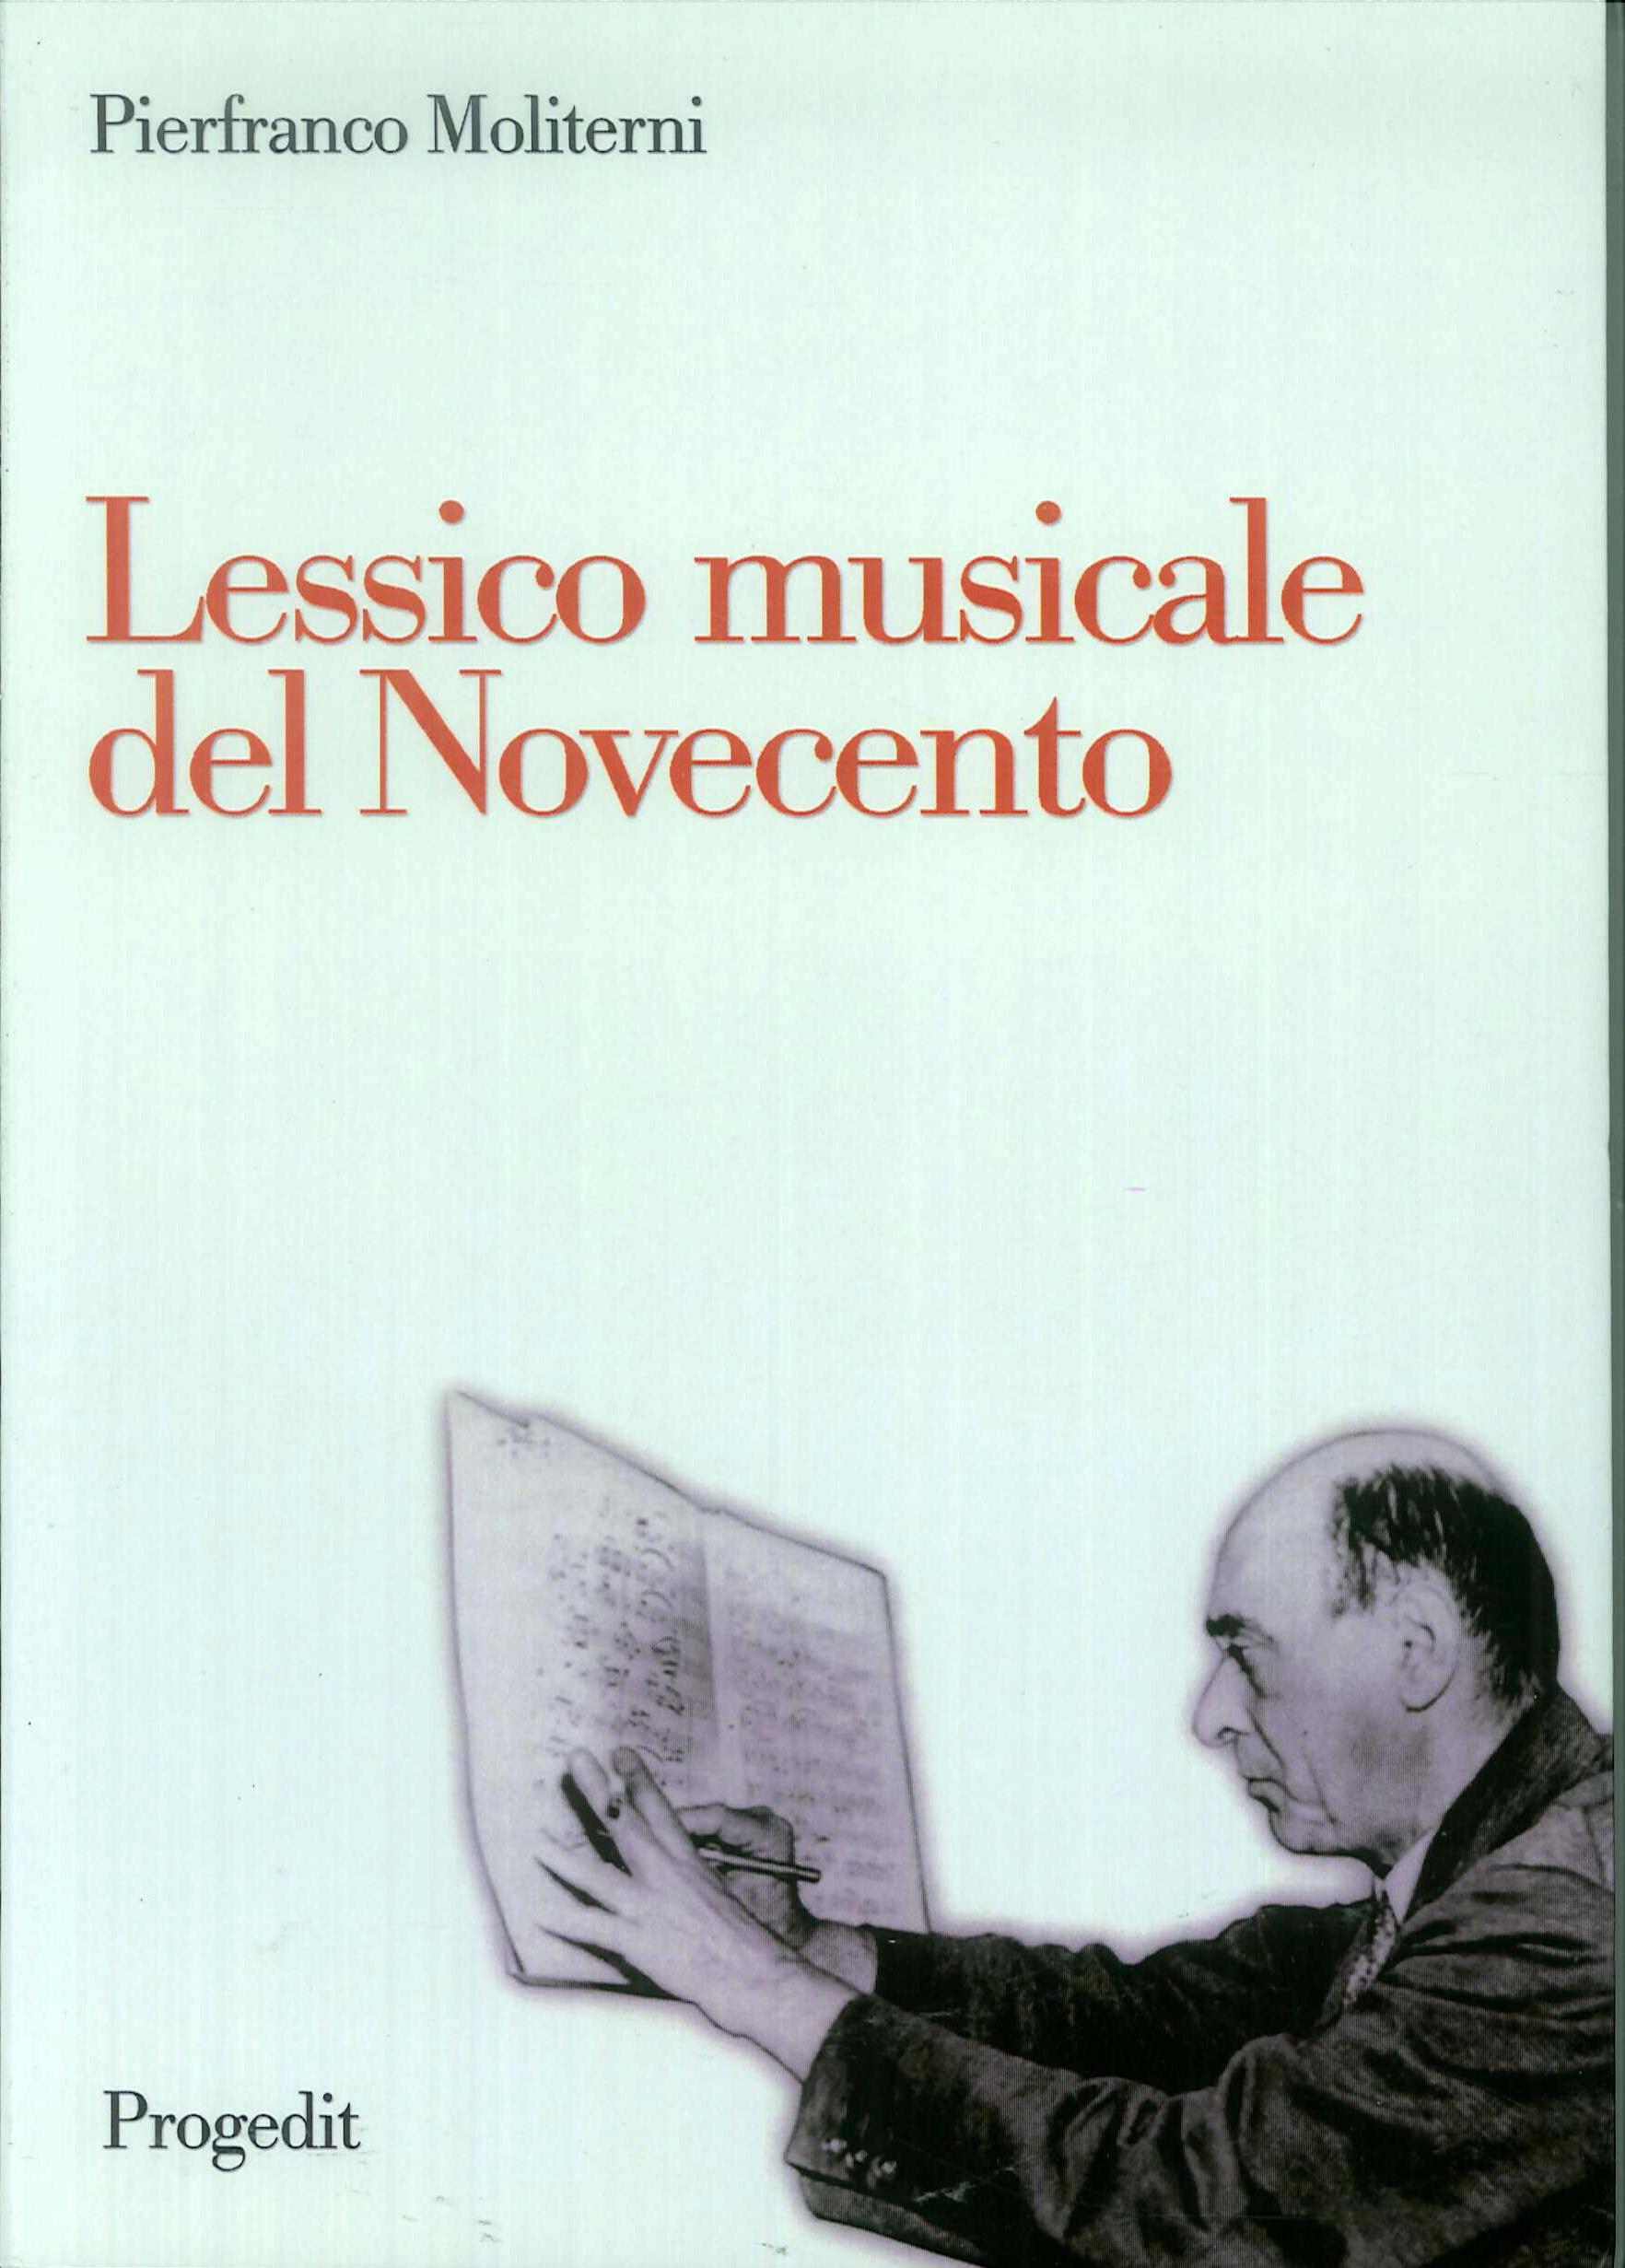 Lessico musicale nel Novecento